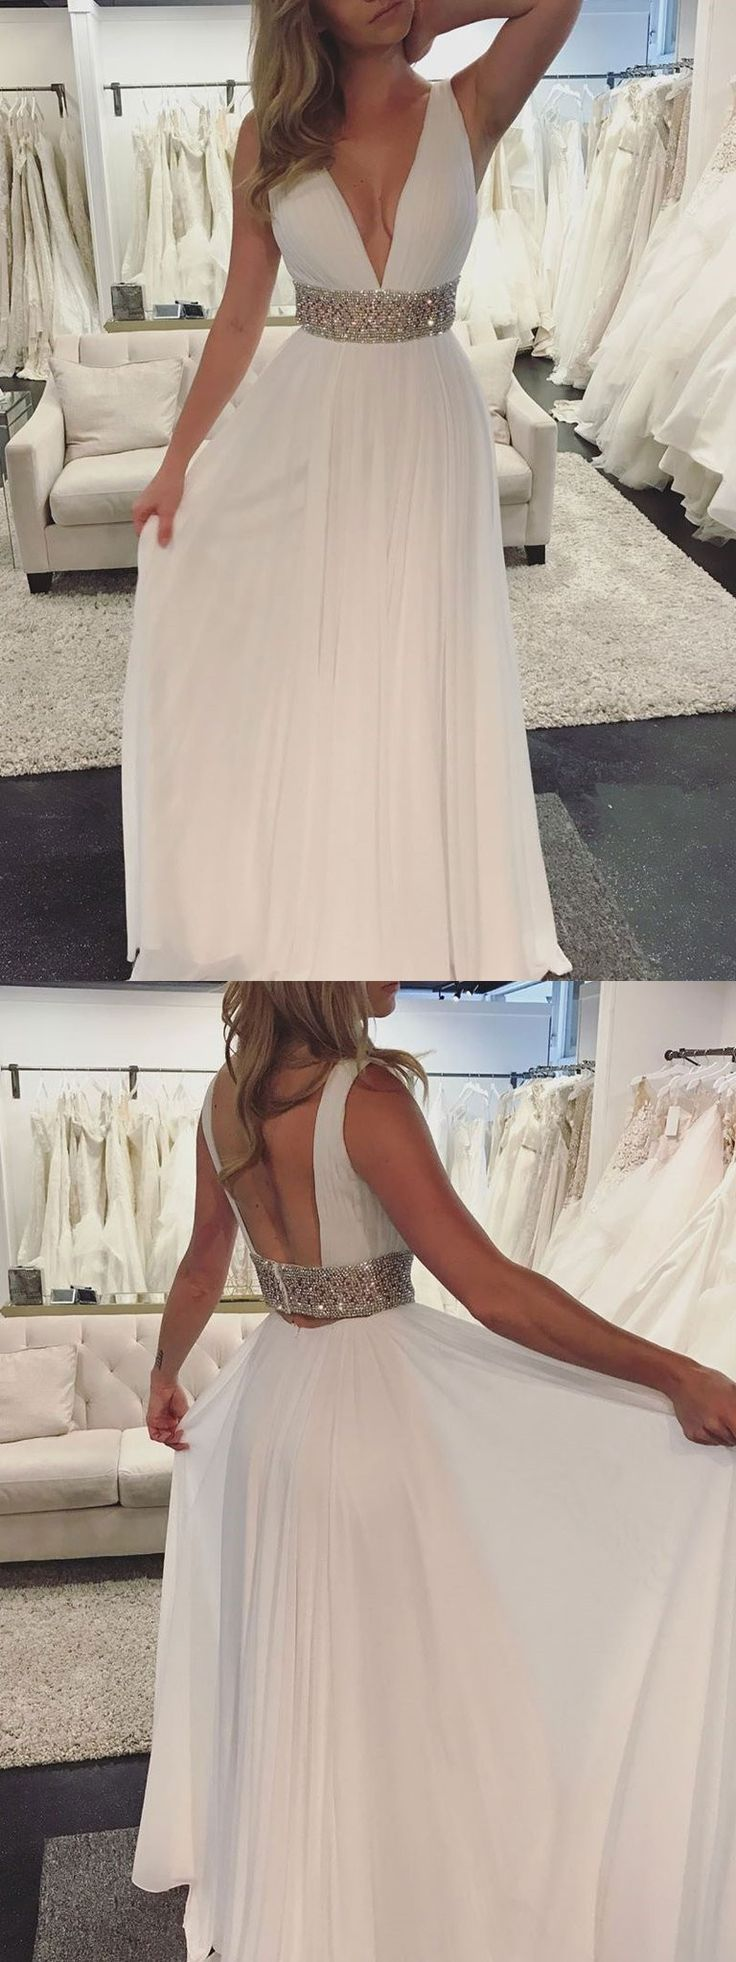 2018 white long prom dress, deep v neck long prom dress, long prom dress with sequins belt, elegant v neck white long wedding dress